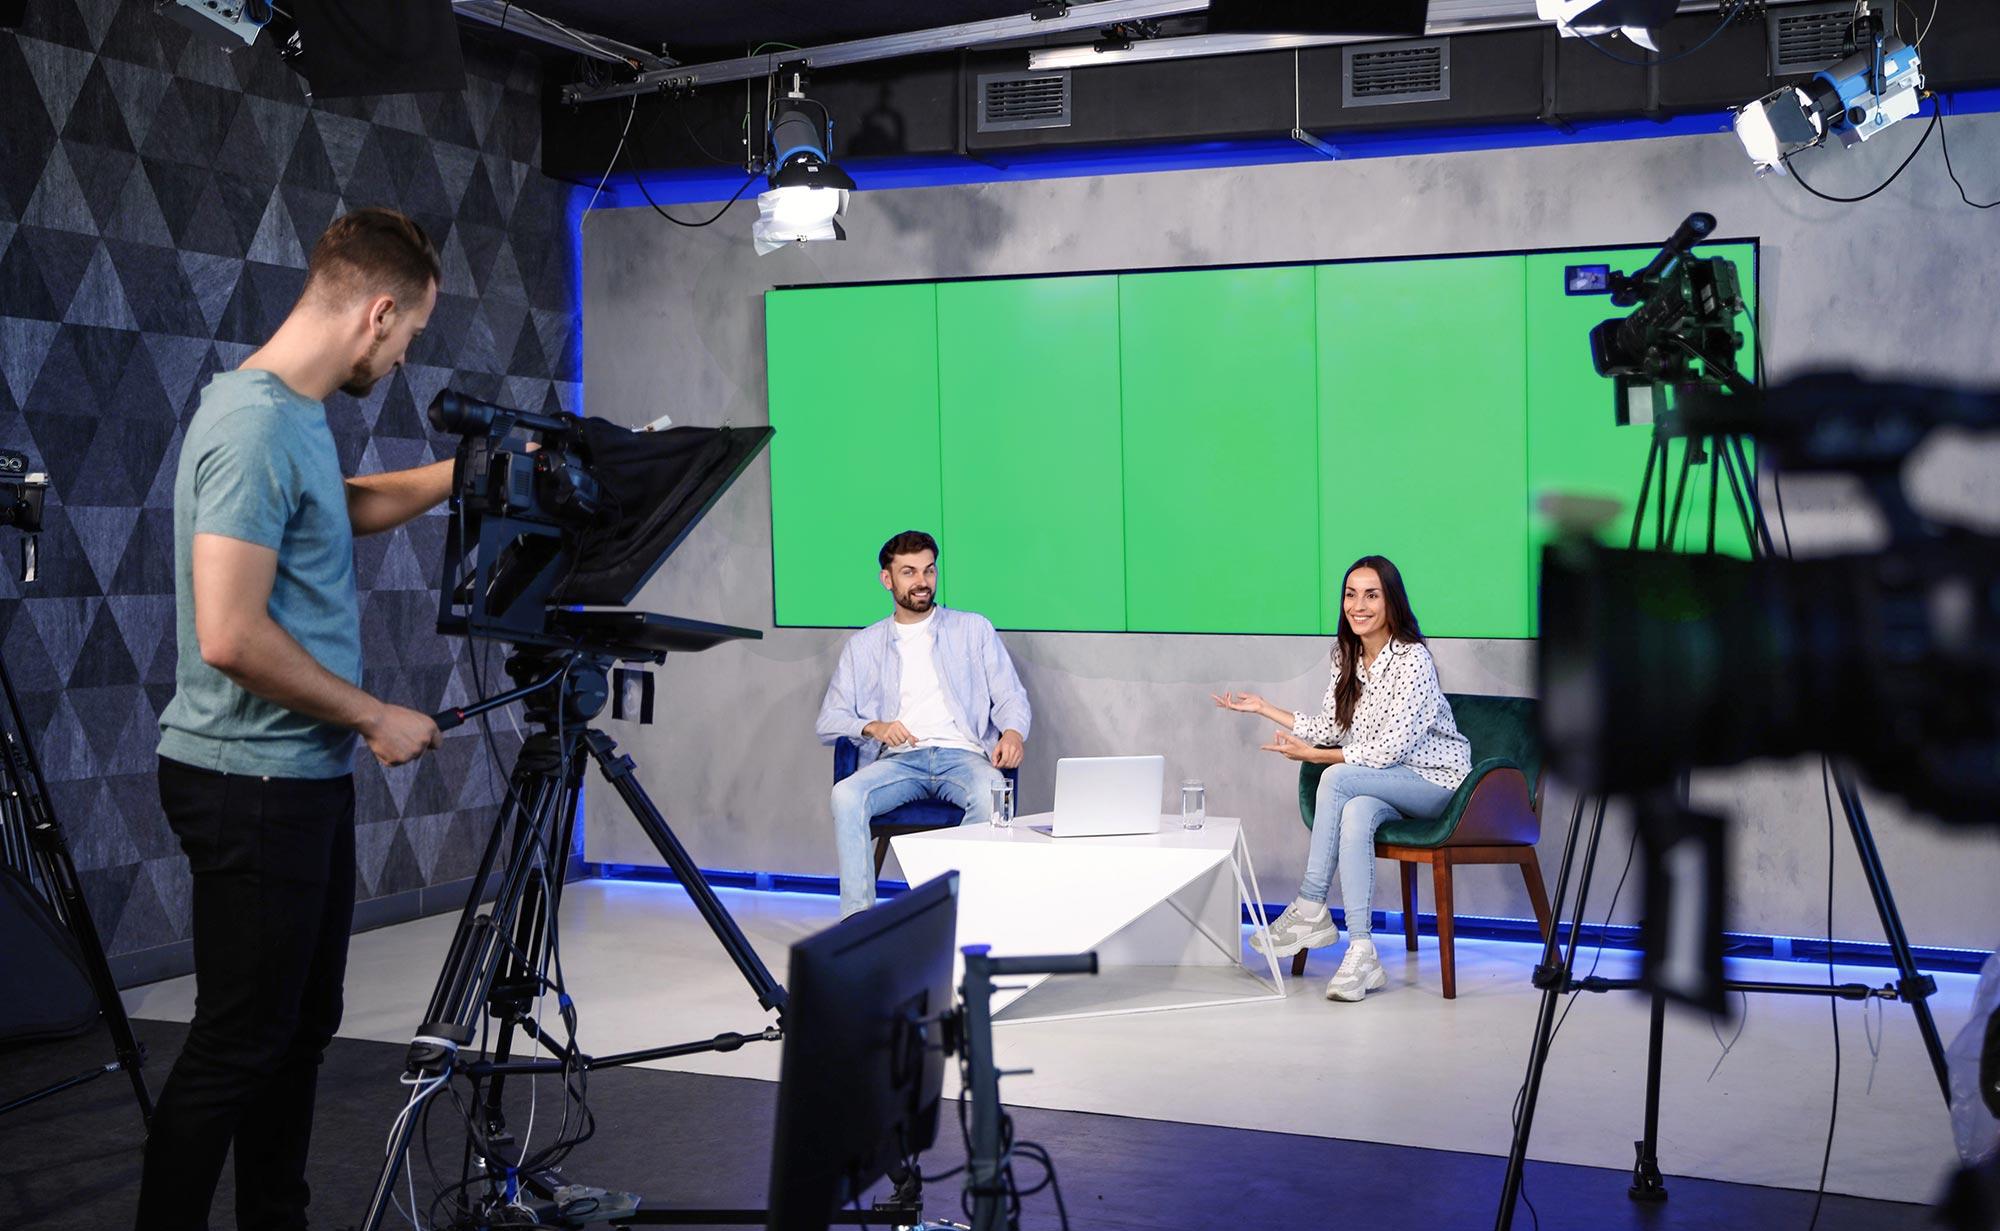 Production vidéo : tournage en studio